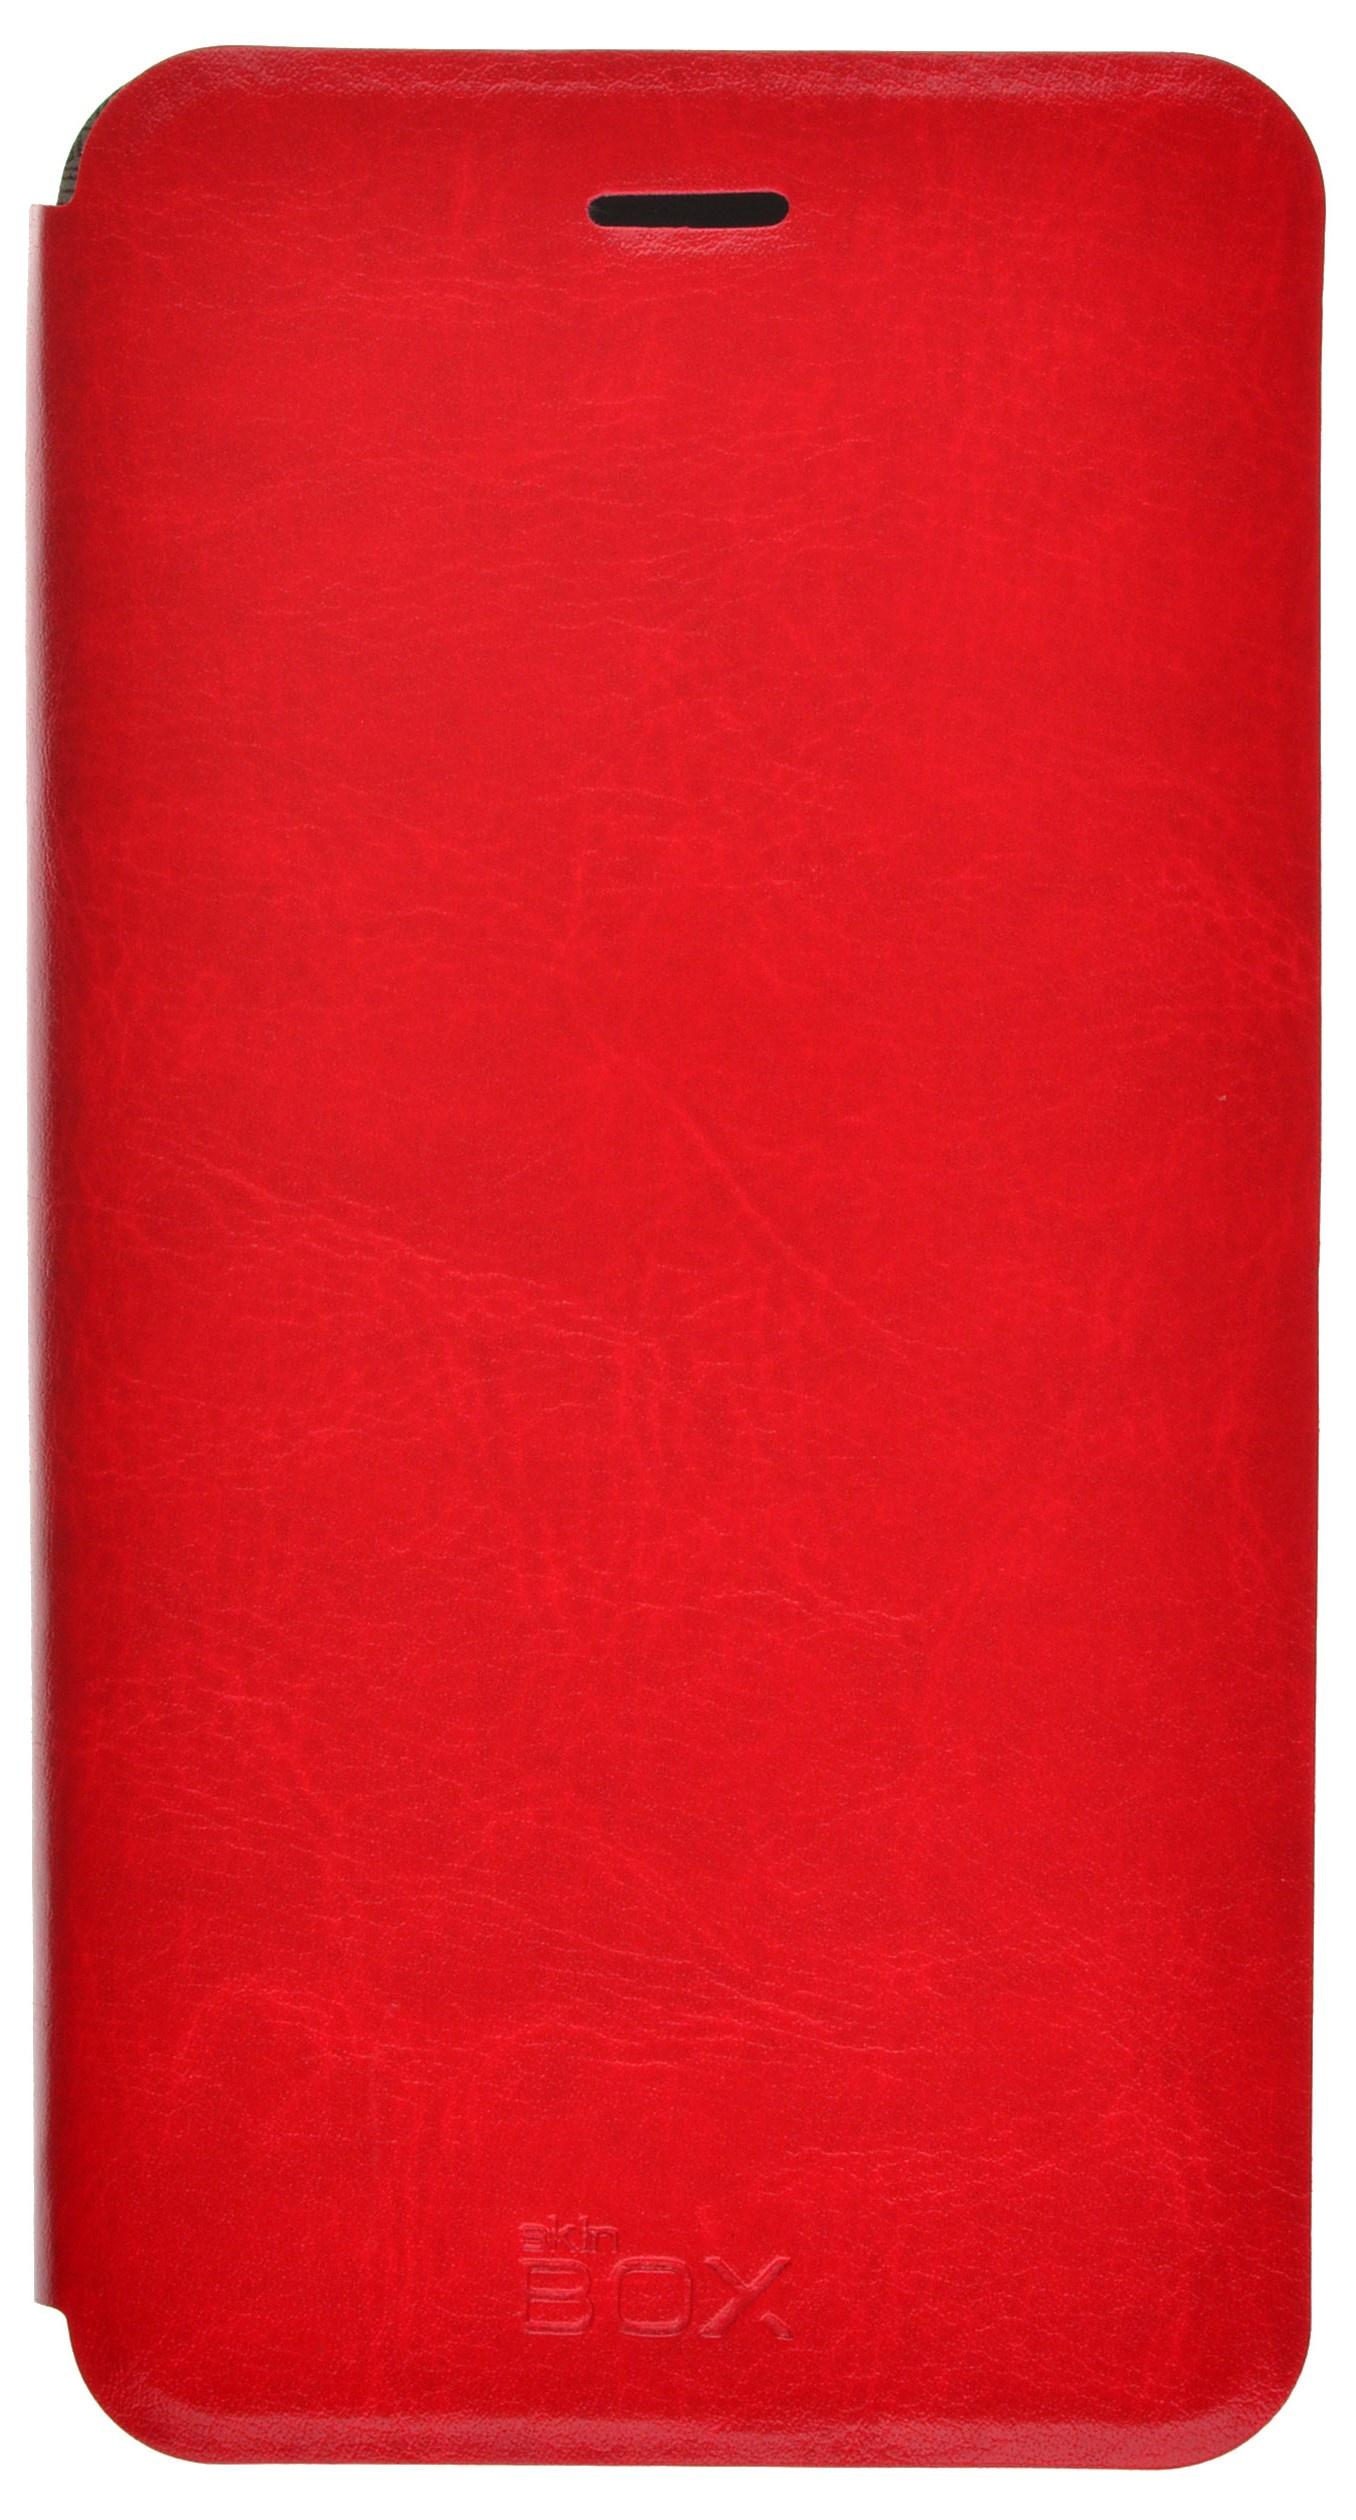 Чехол skinBOX Lux для Asus ZE552KL, 2000000097480, красный цена и фото